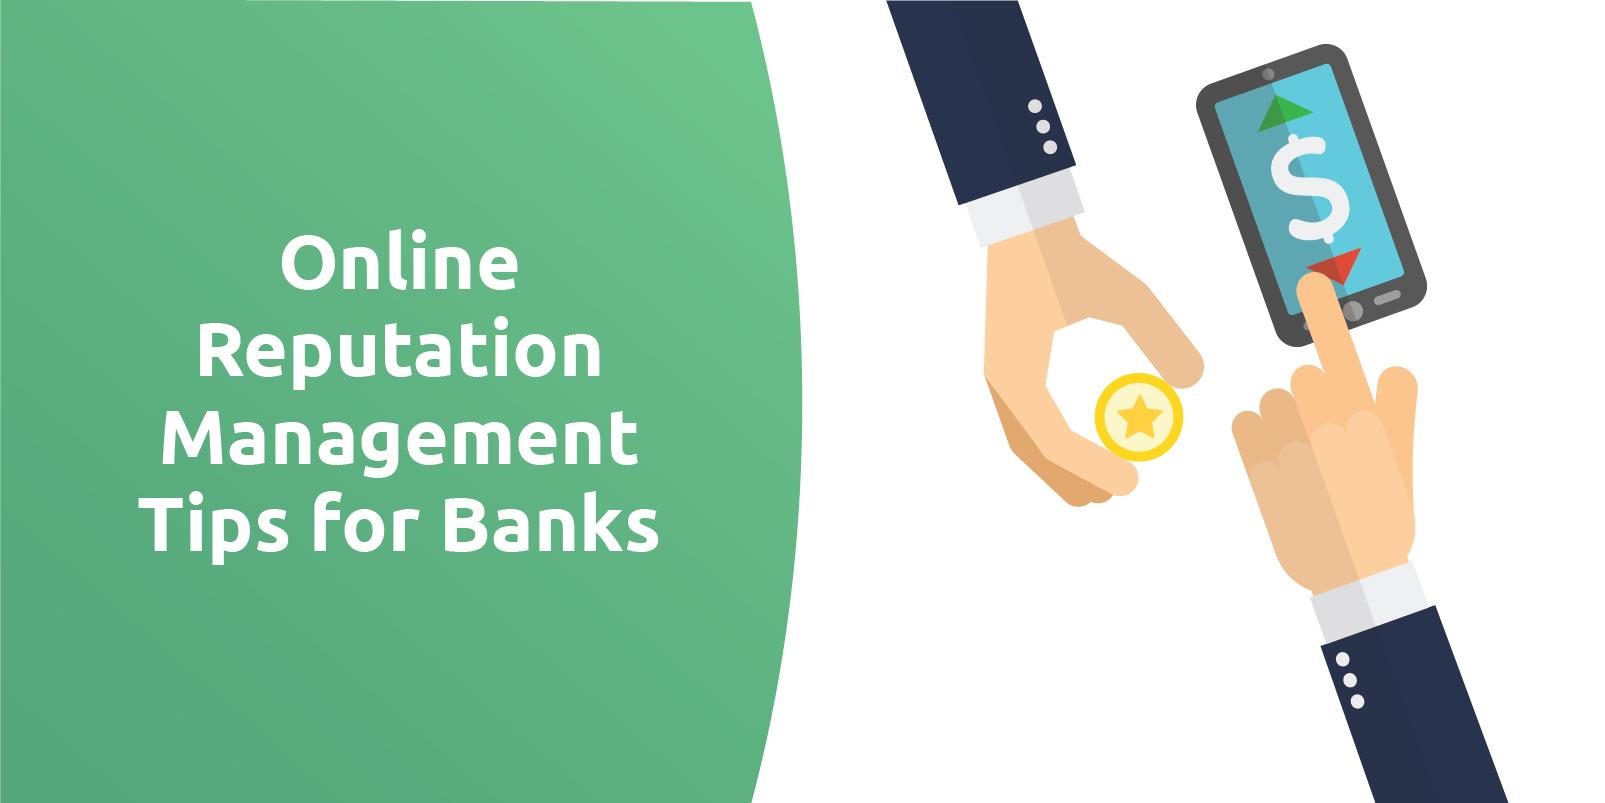 Online Reputation Management Tips for Banks